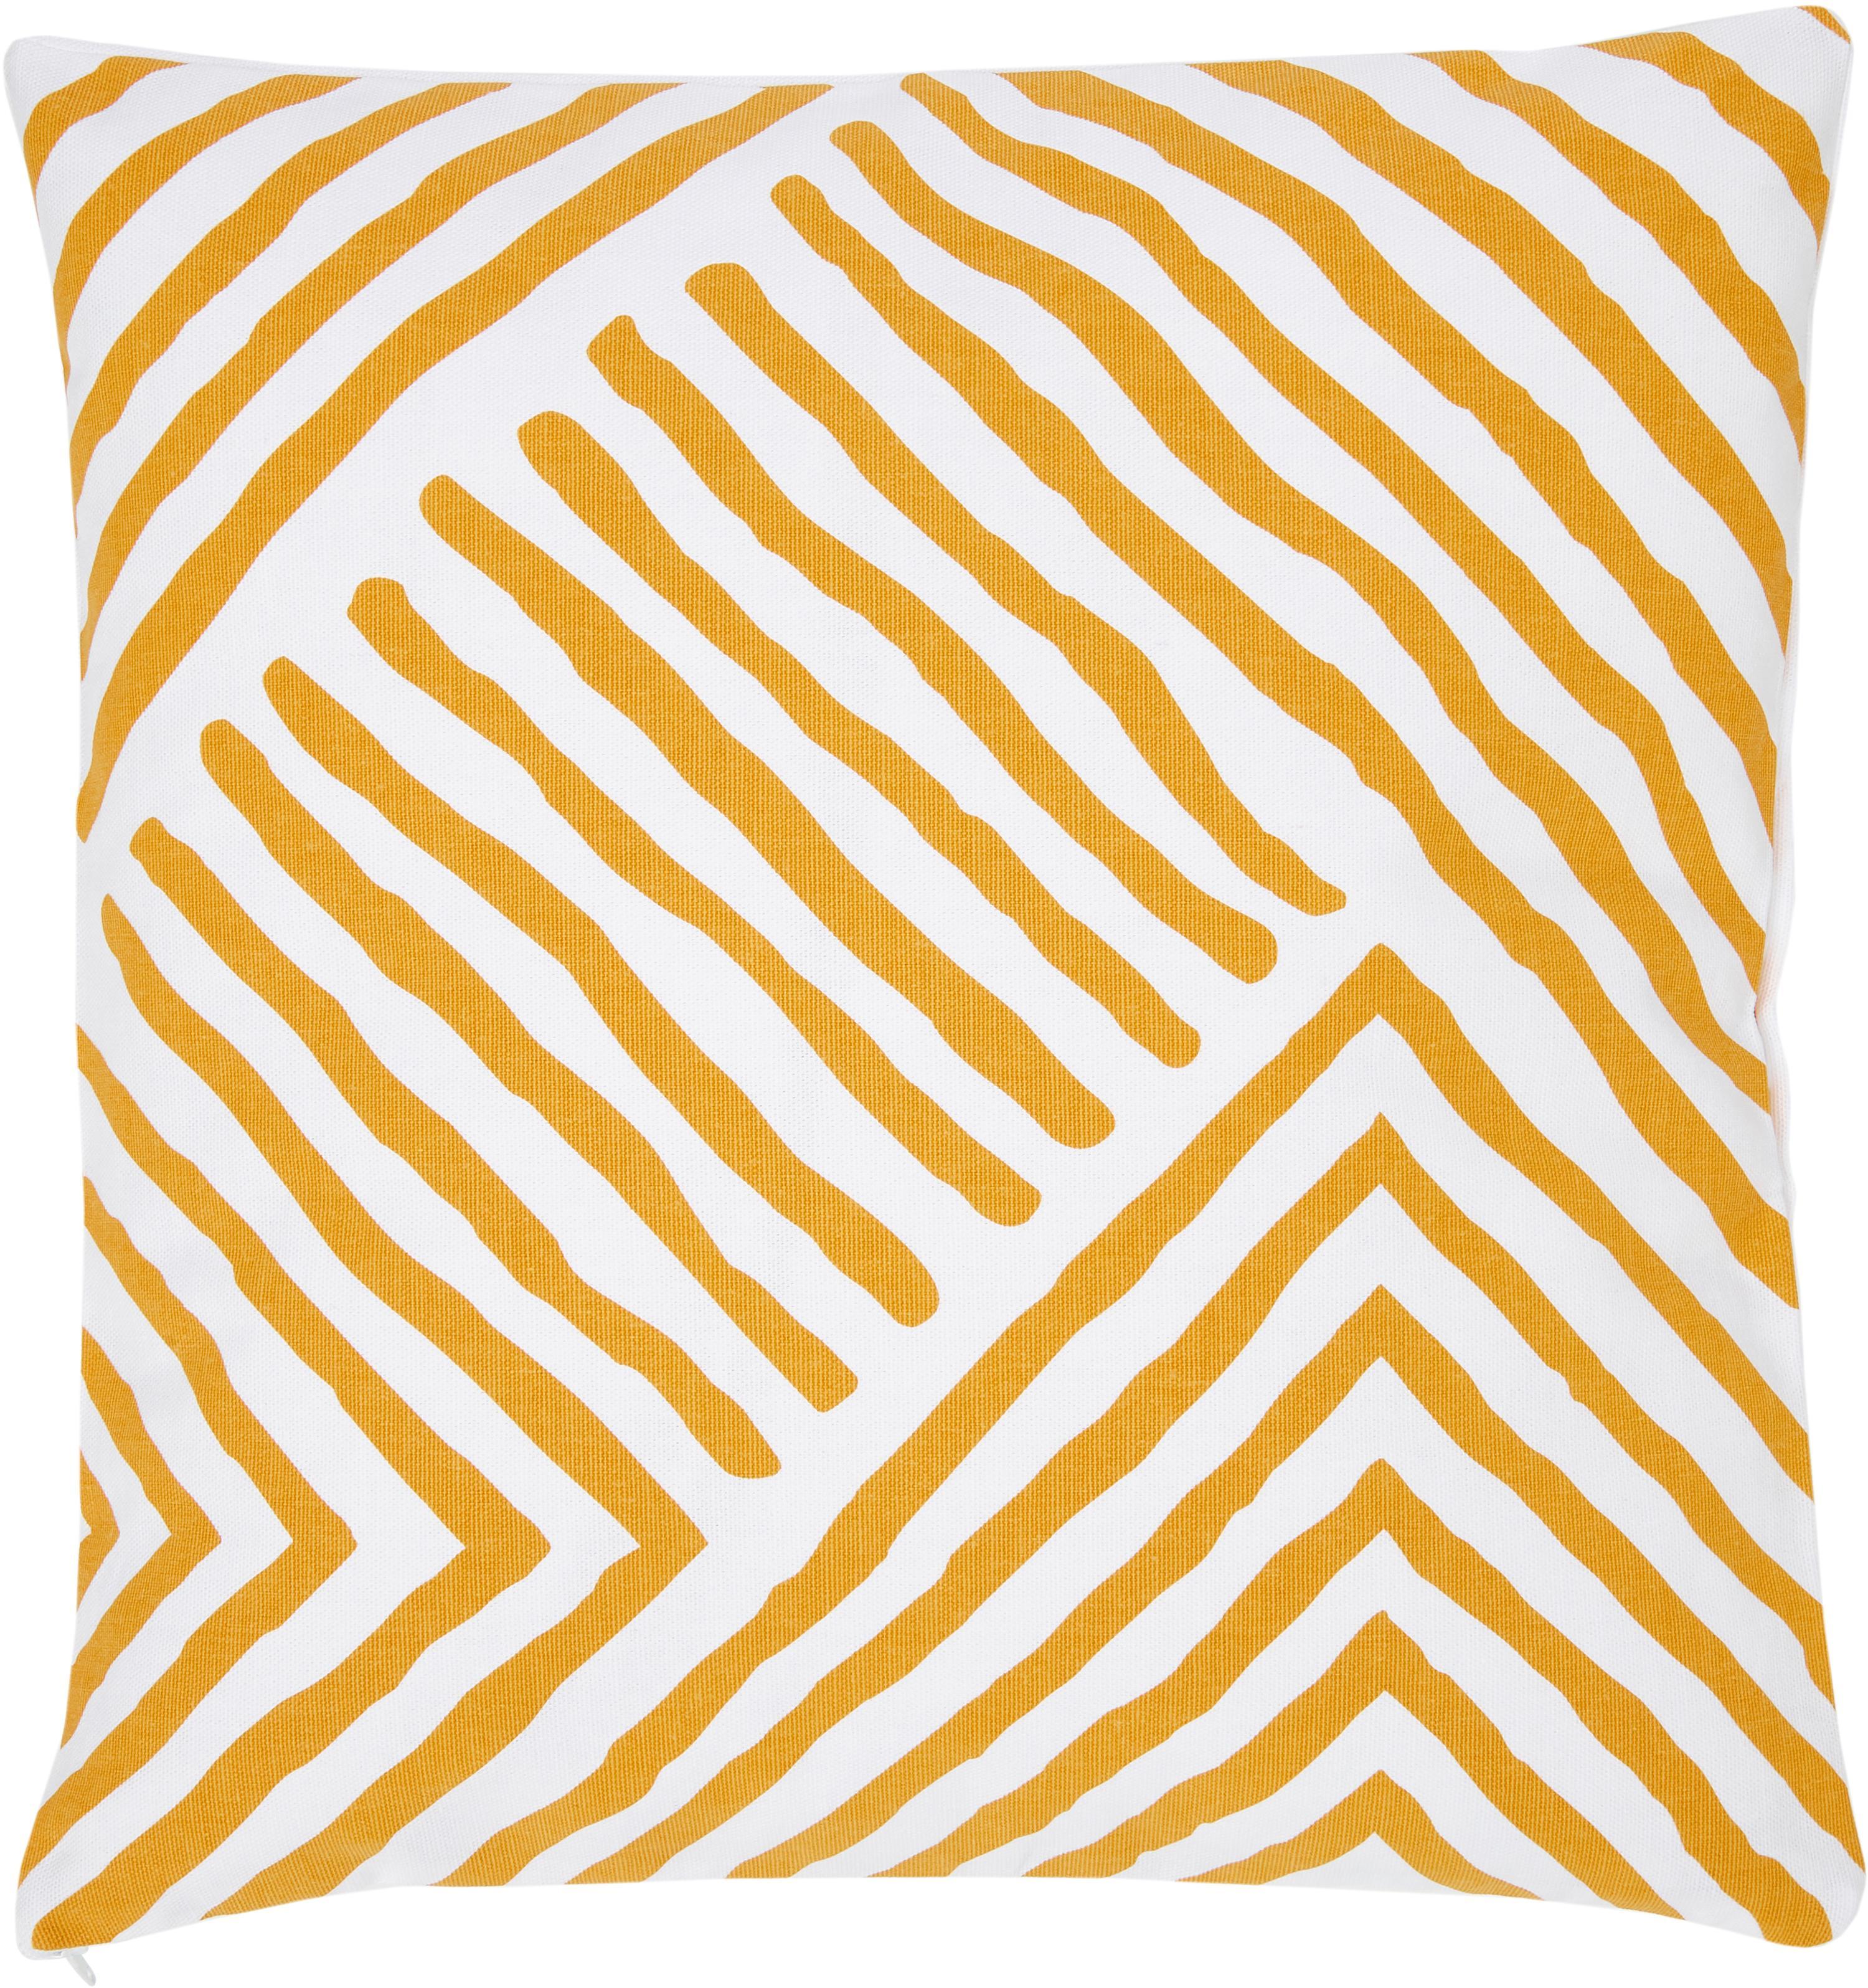 Federa arredo Mia, Cotone, Giallo, bianco, Larg. 40 x Lung. 40 cm